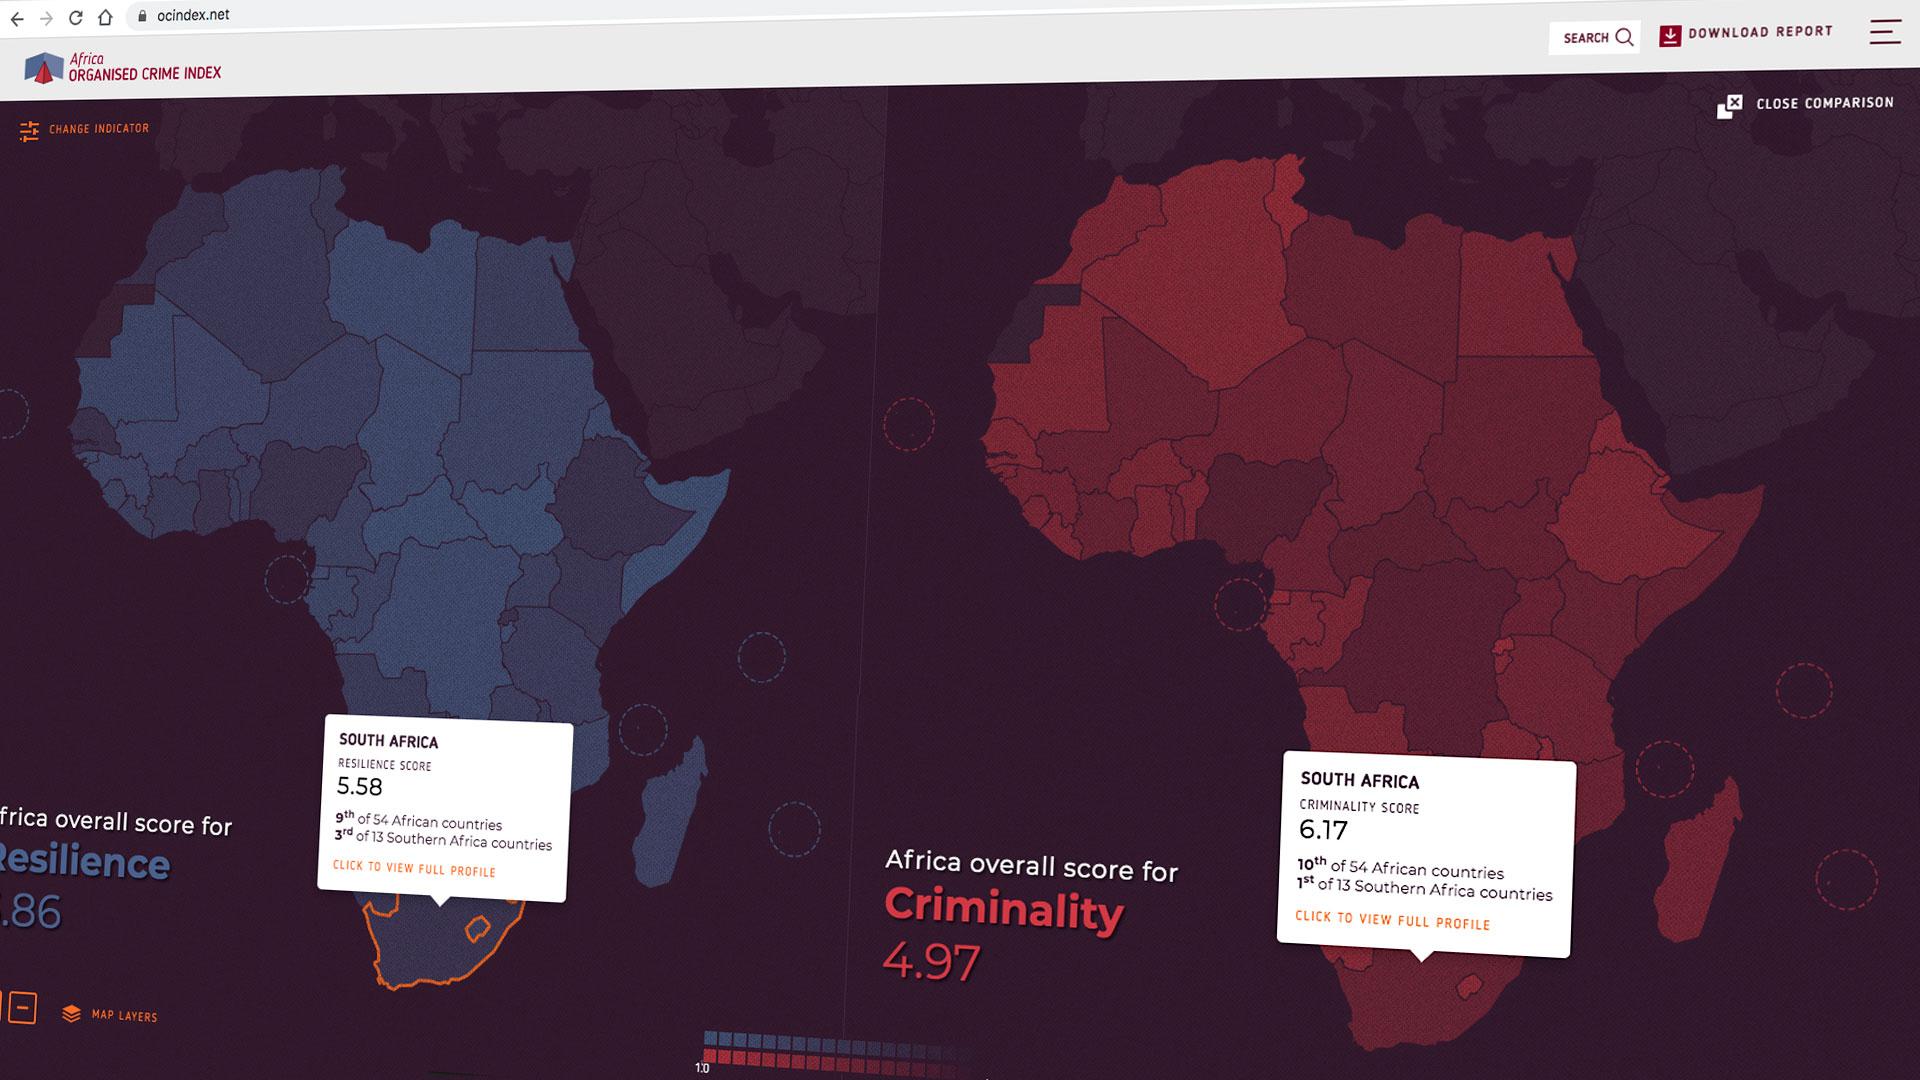 Organized Crime Index - Africa